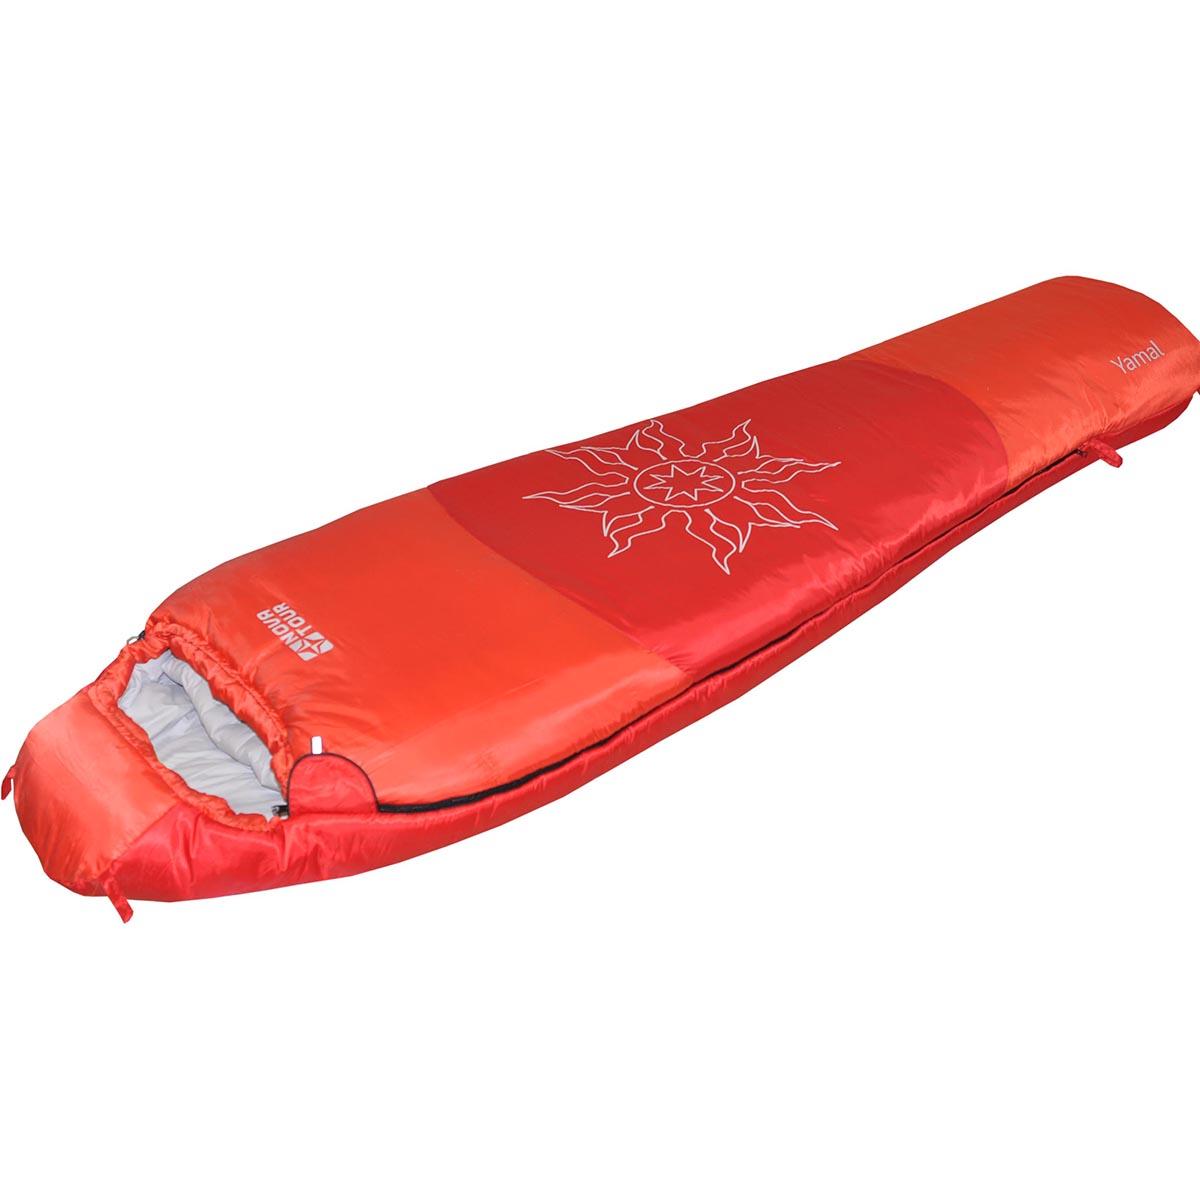 Спальный мешок Nova Tour Ямал -30 V2, цвет: красный, левосторонняя молния95419-001-LeftСпальный мешок Nova Tour Ямал -30 V2 - конструкции - кокон и синтетическим наполнителем для использования при очень низких температурах. Утягивающийся капюшон, шейный воротник - сохраняют тепло. Двухзамковая молния позволяет состегнуть два спальных мешка левого и правого исполнения в один двойной. Компрессионный мешок в комплекте.